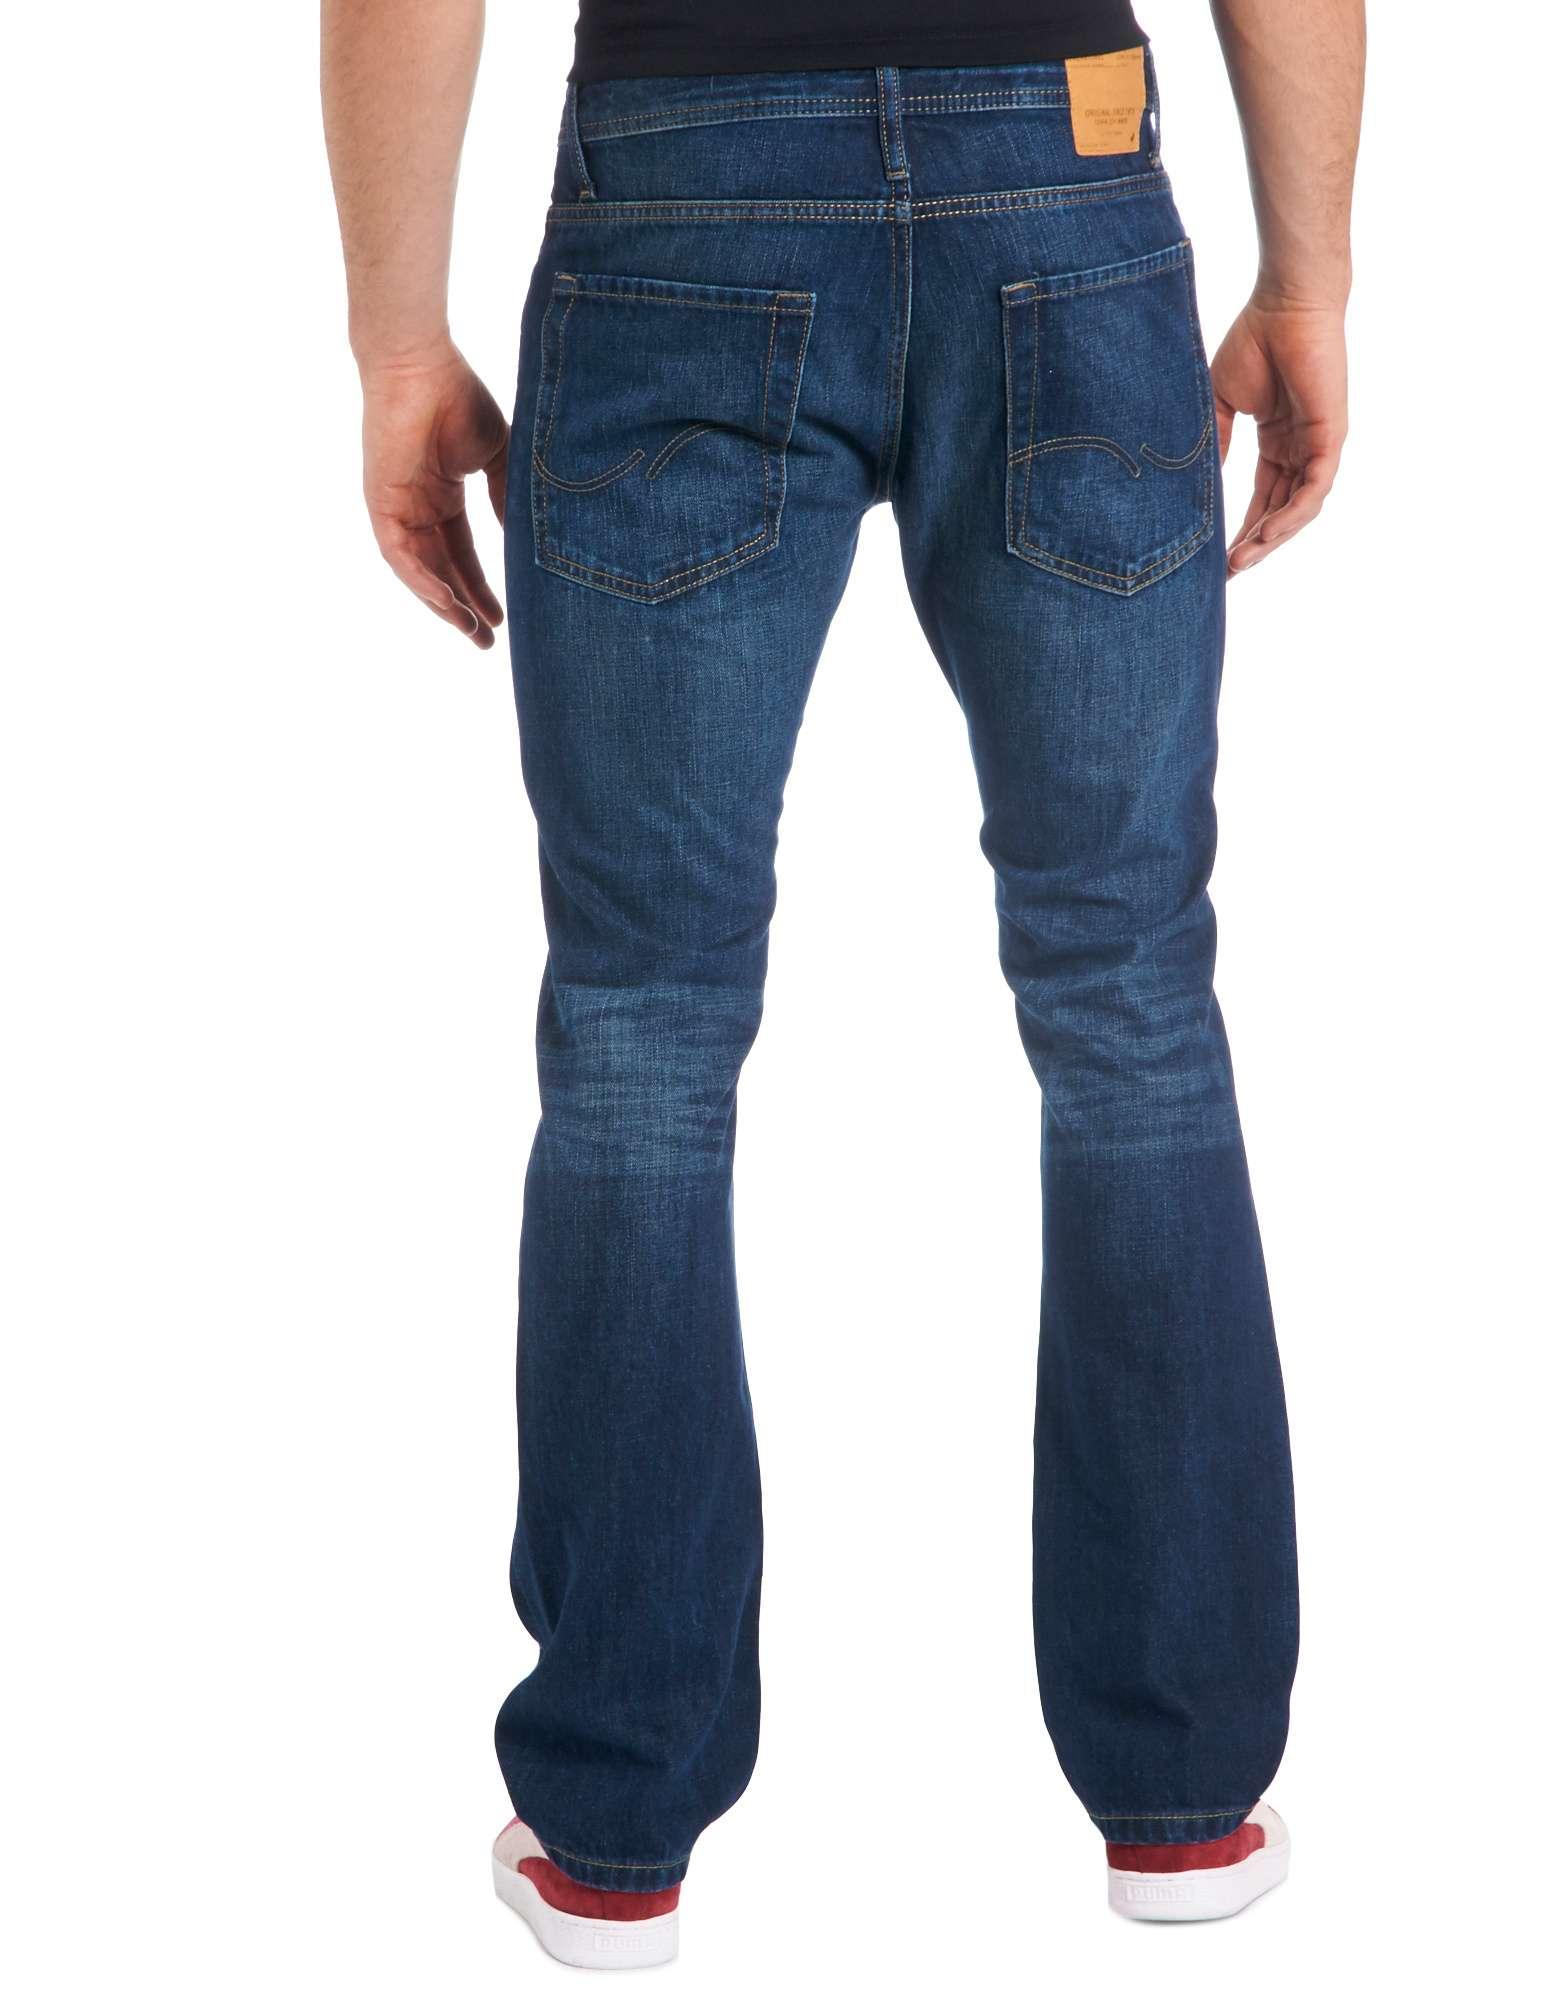 Jack & Jones Originals Clark 529 Regular Fit Jeans